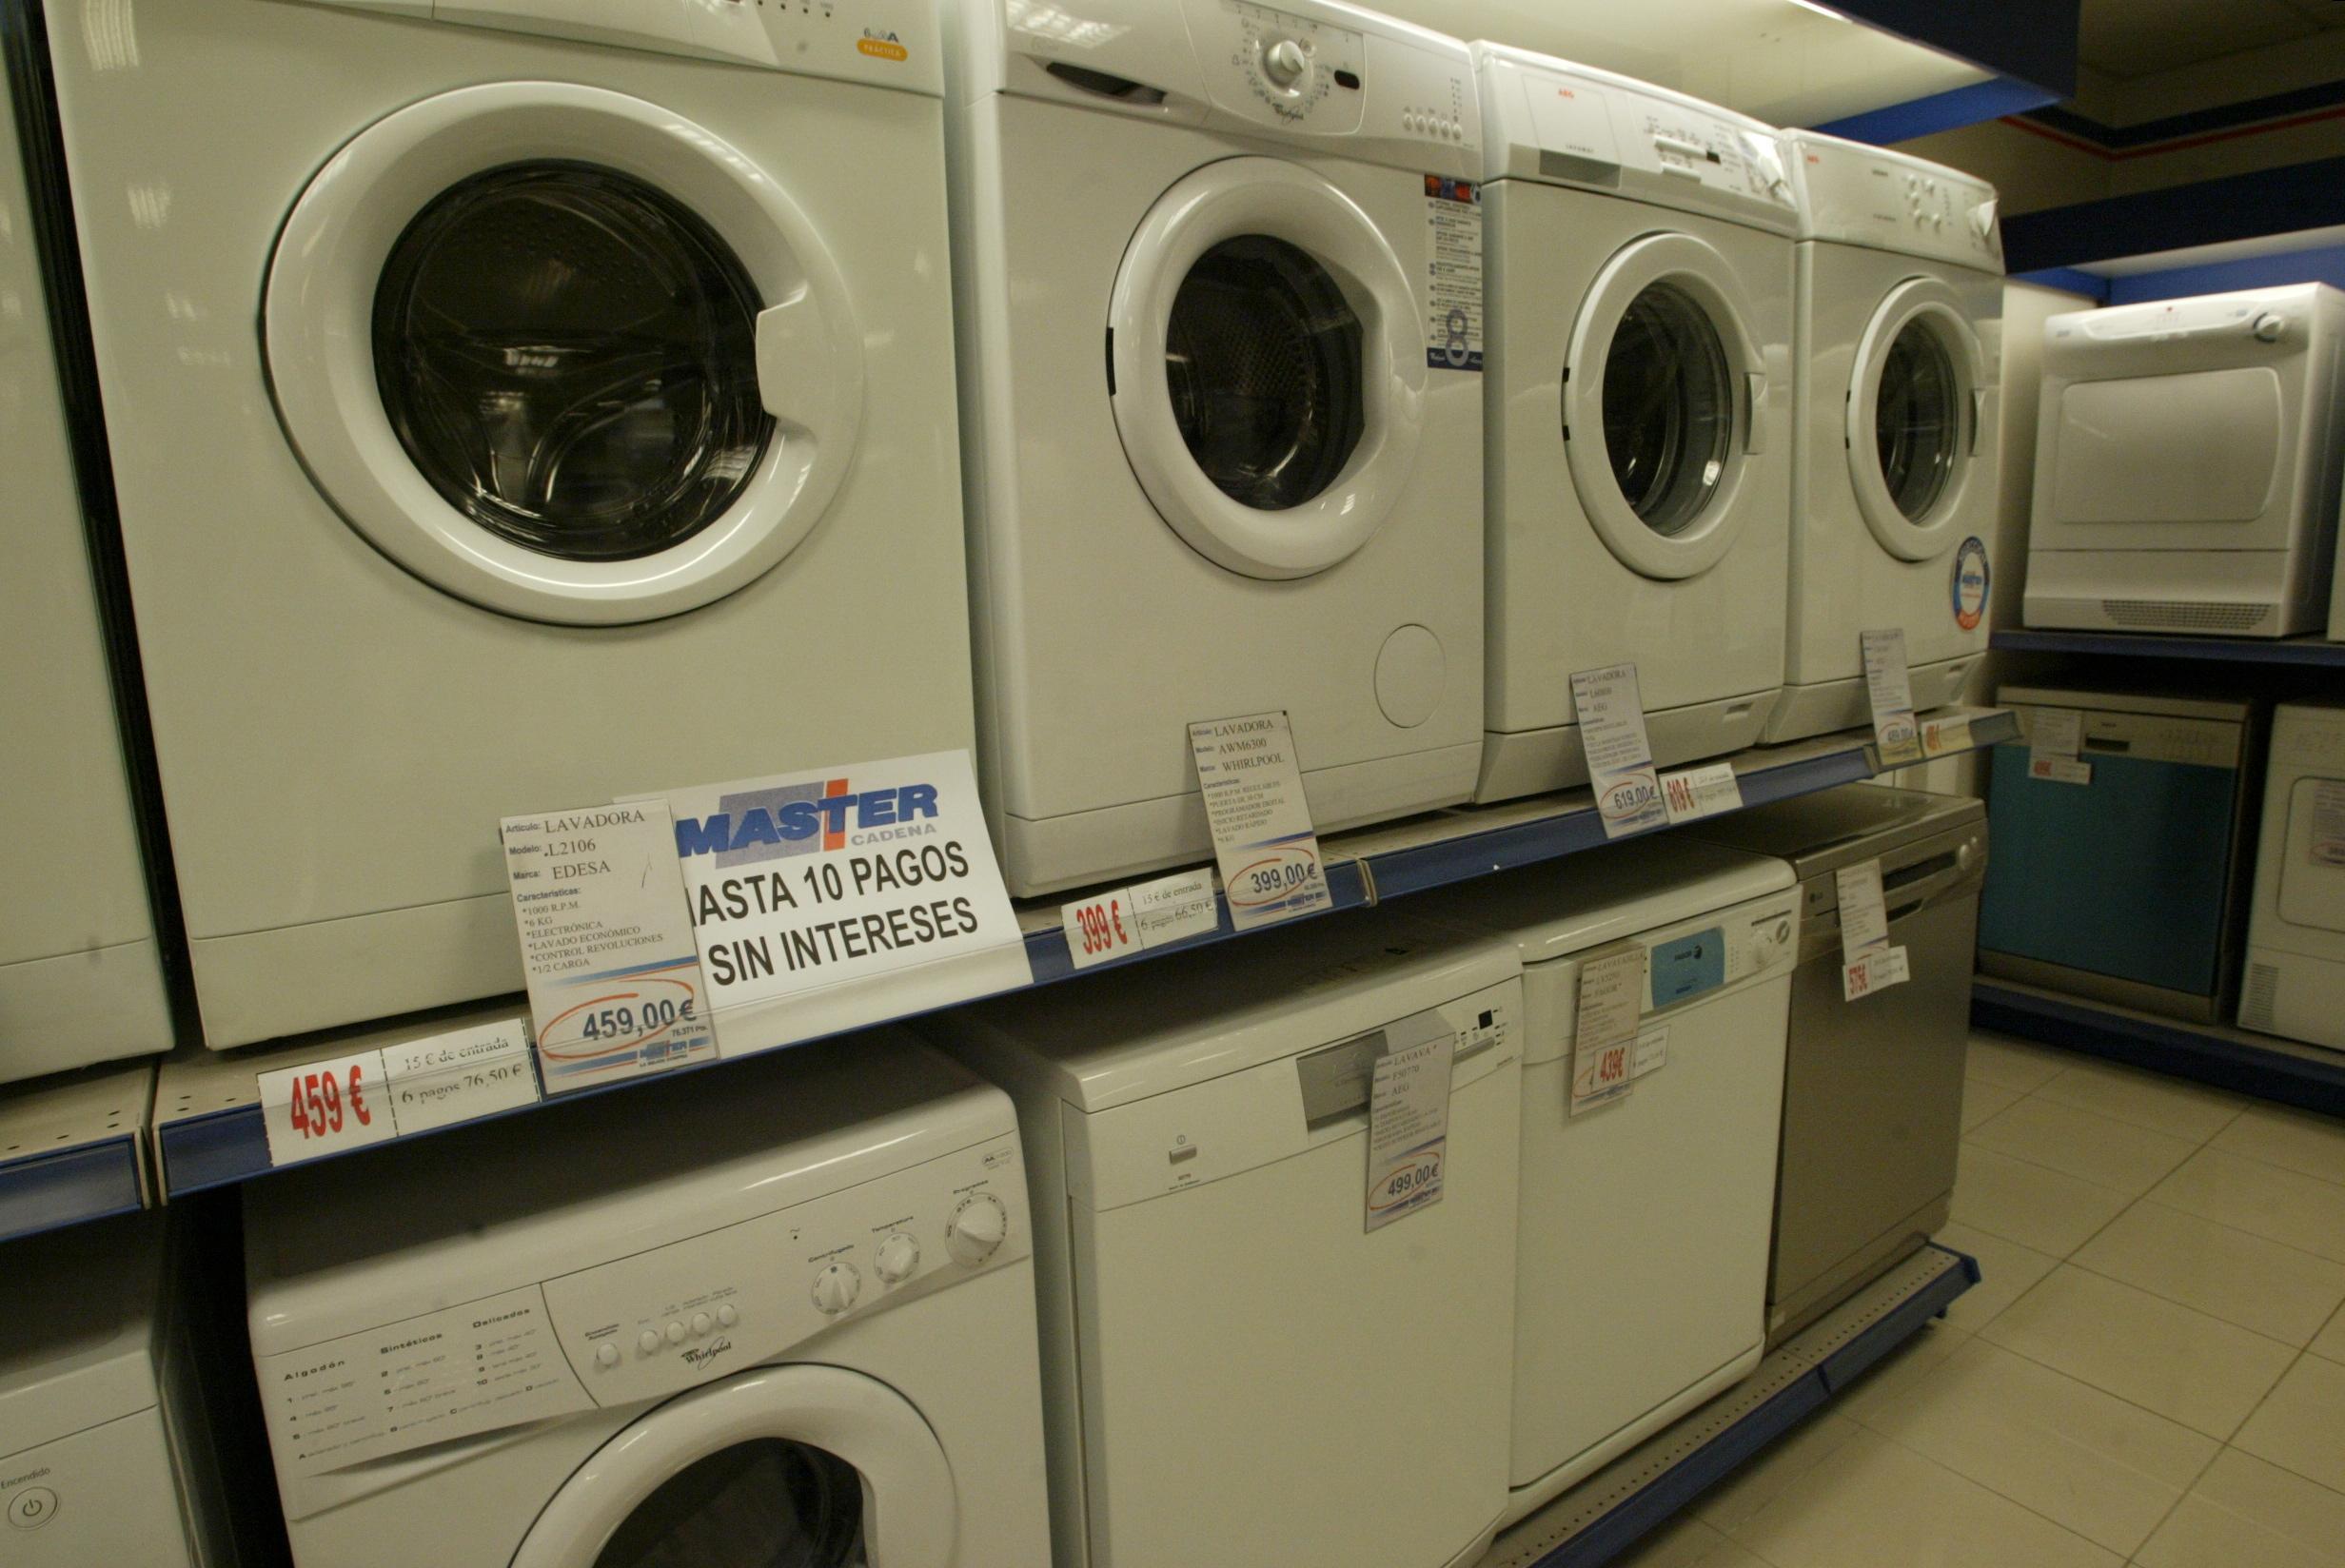 cu nto cuesta poner la lavadora o usar la vitro con el